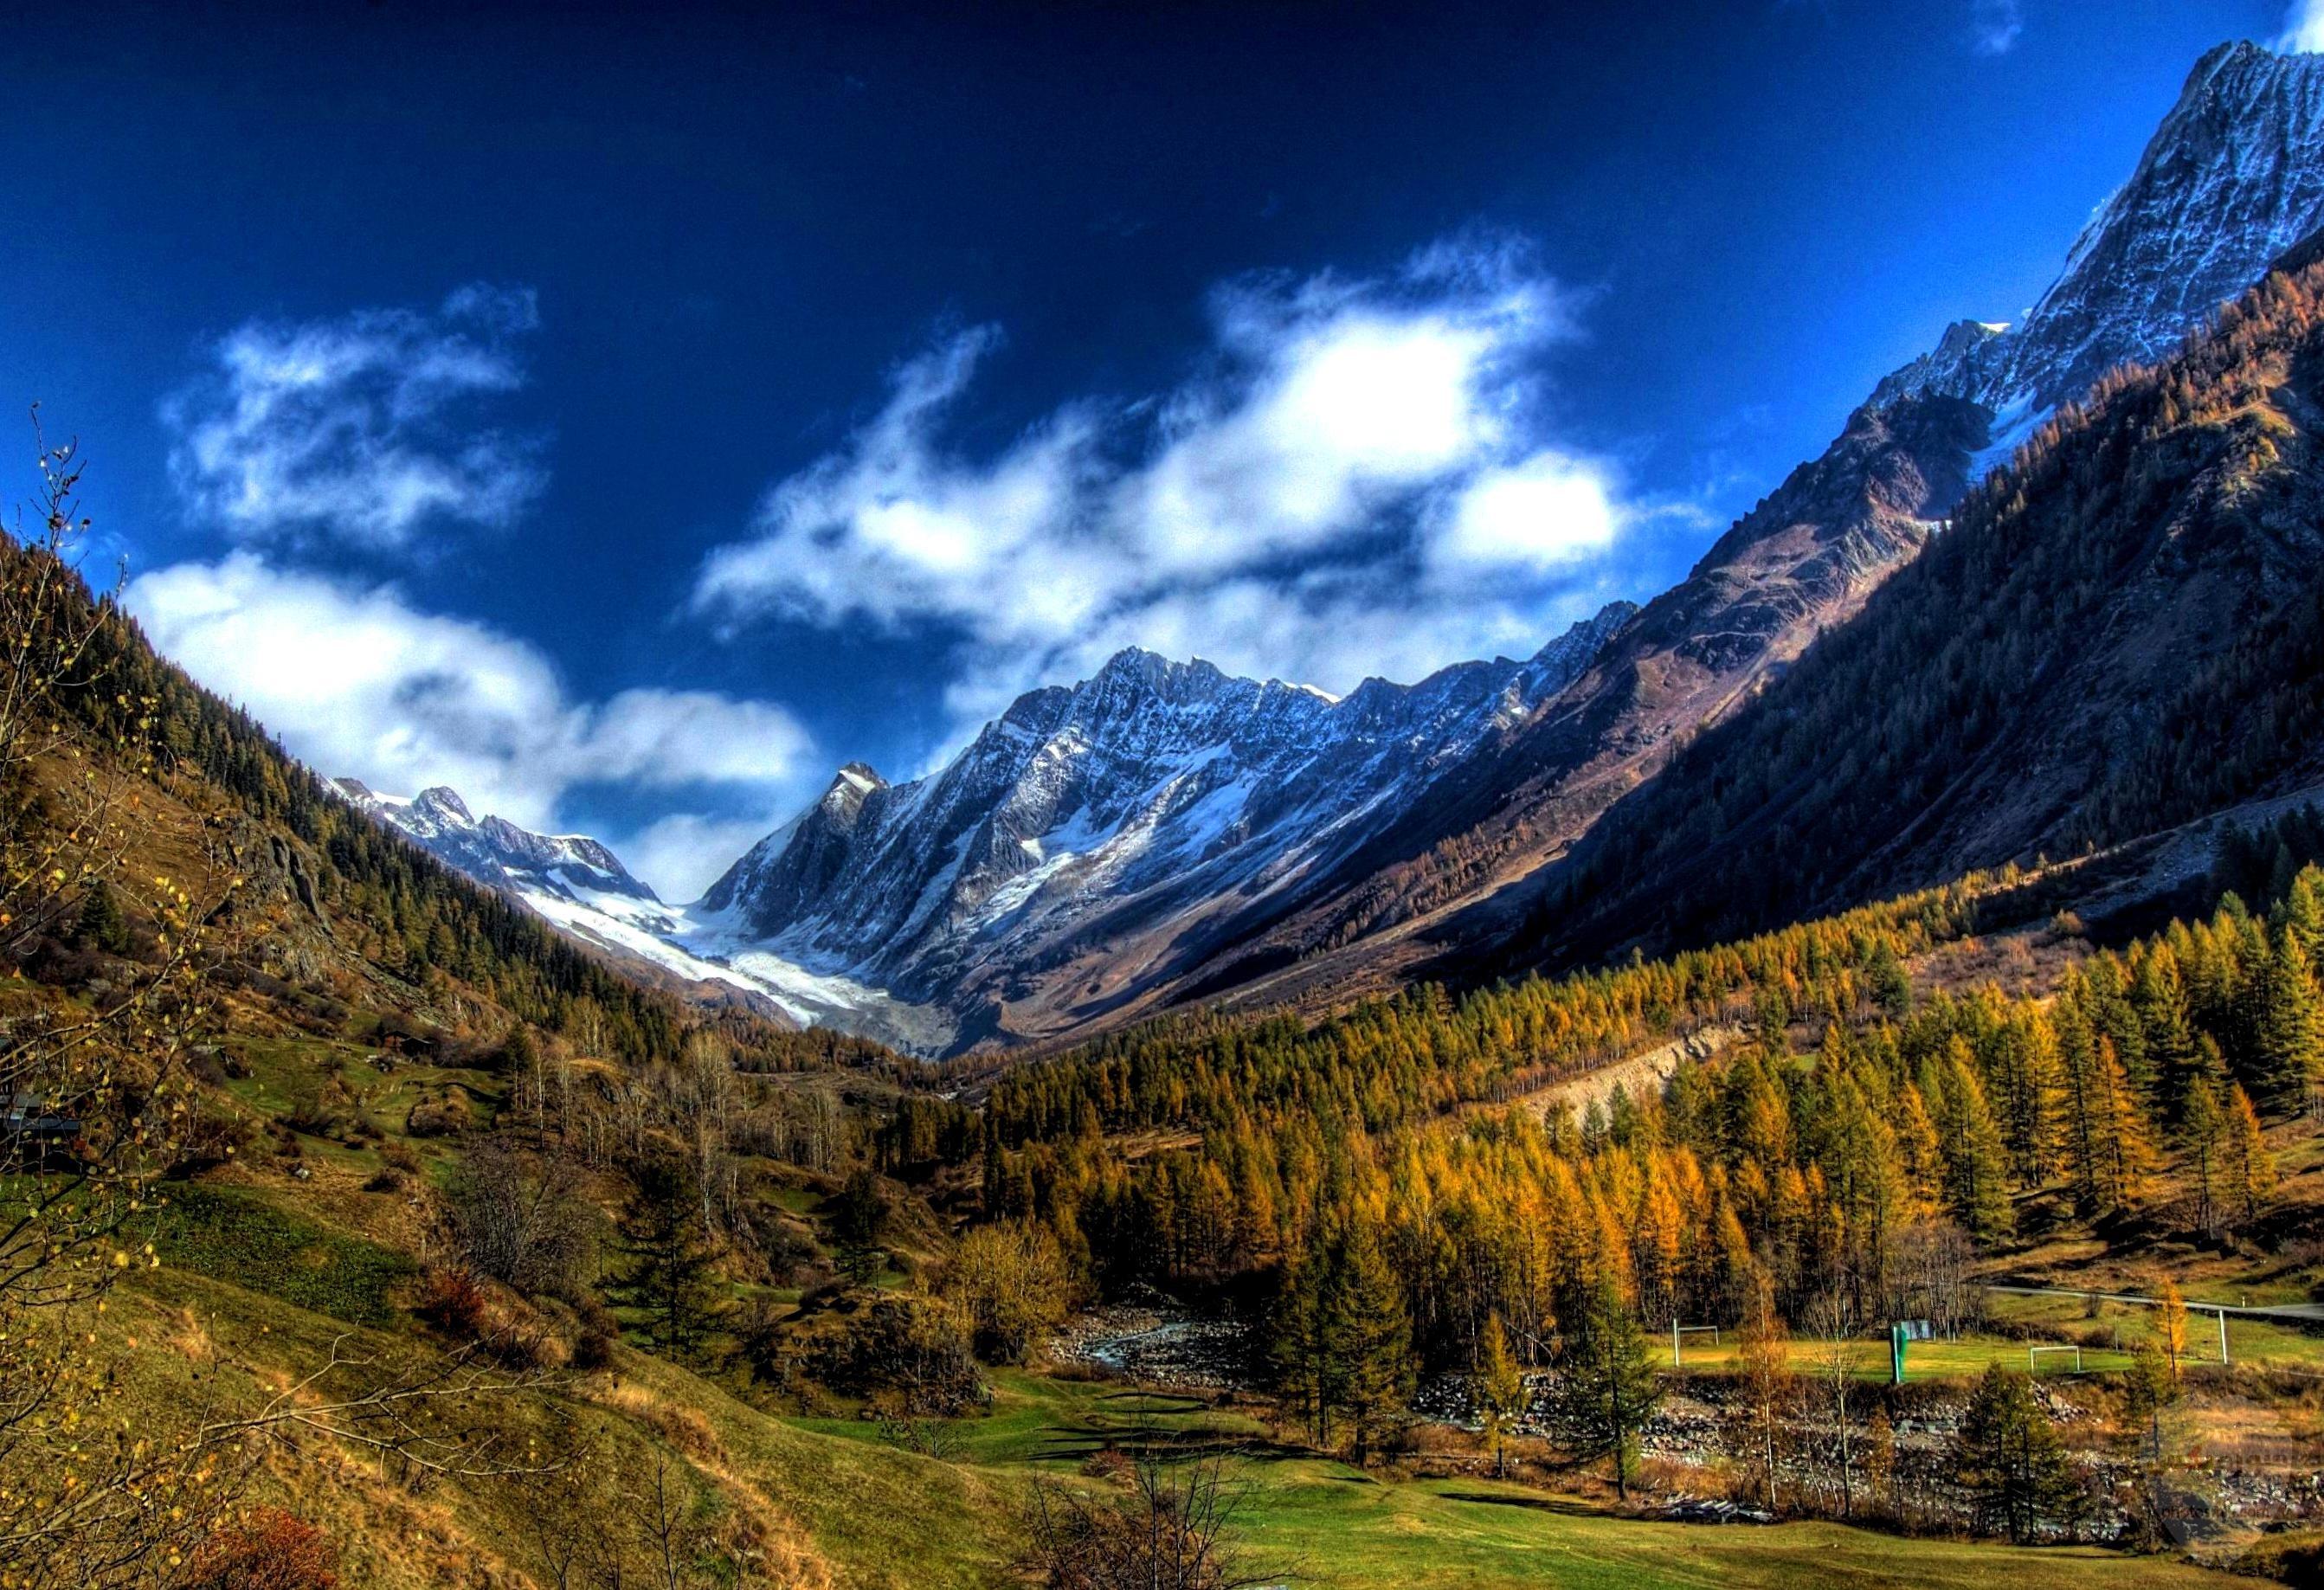 صور وخلفيات جبال وشلالات طبيعية HD خلفيات جبال خضراء وثلجية 8